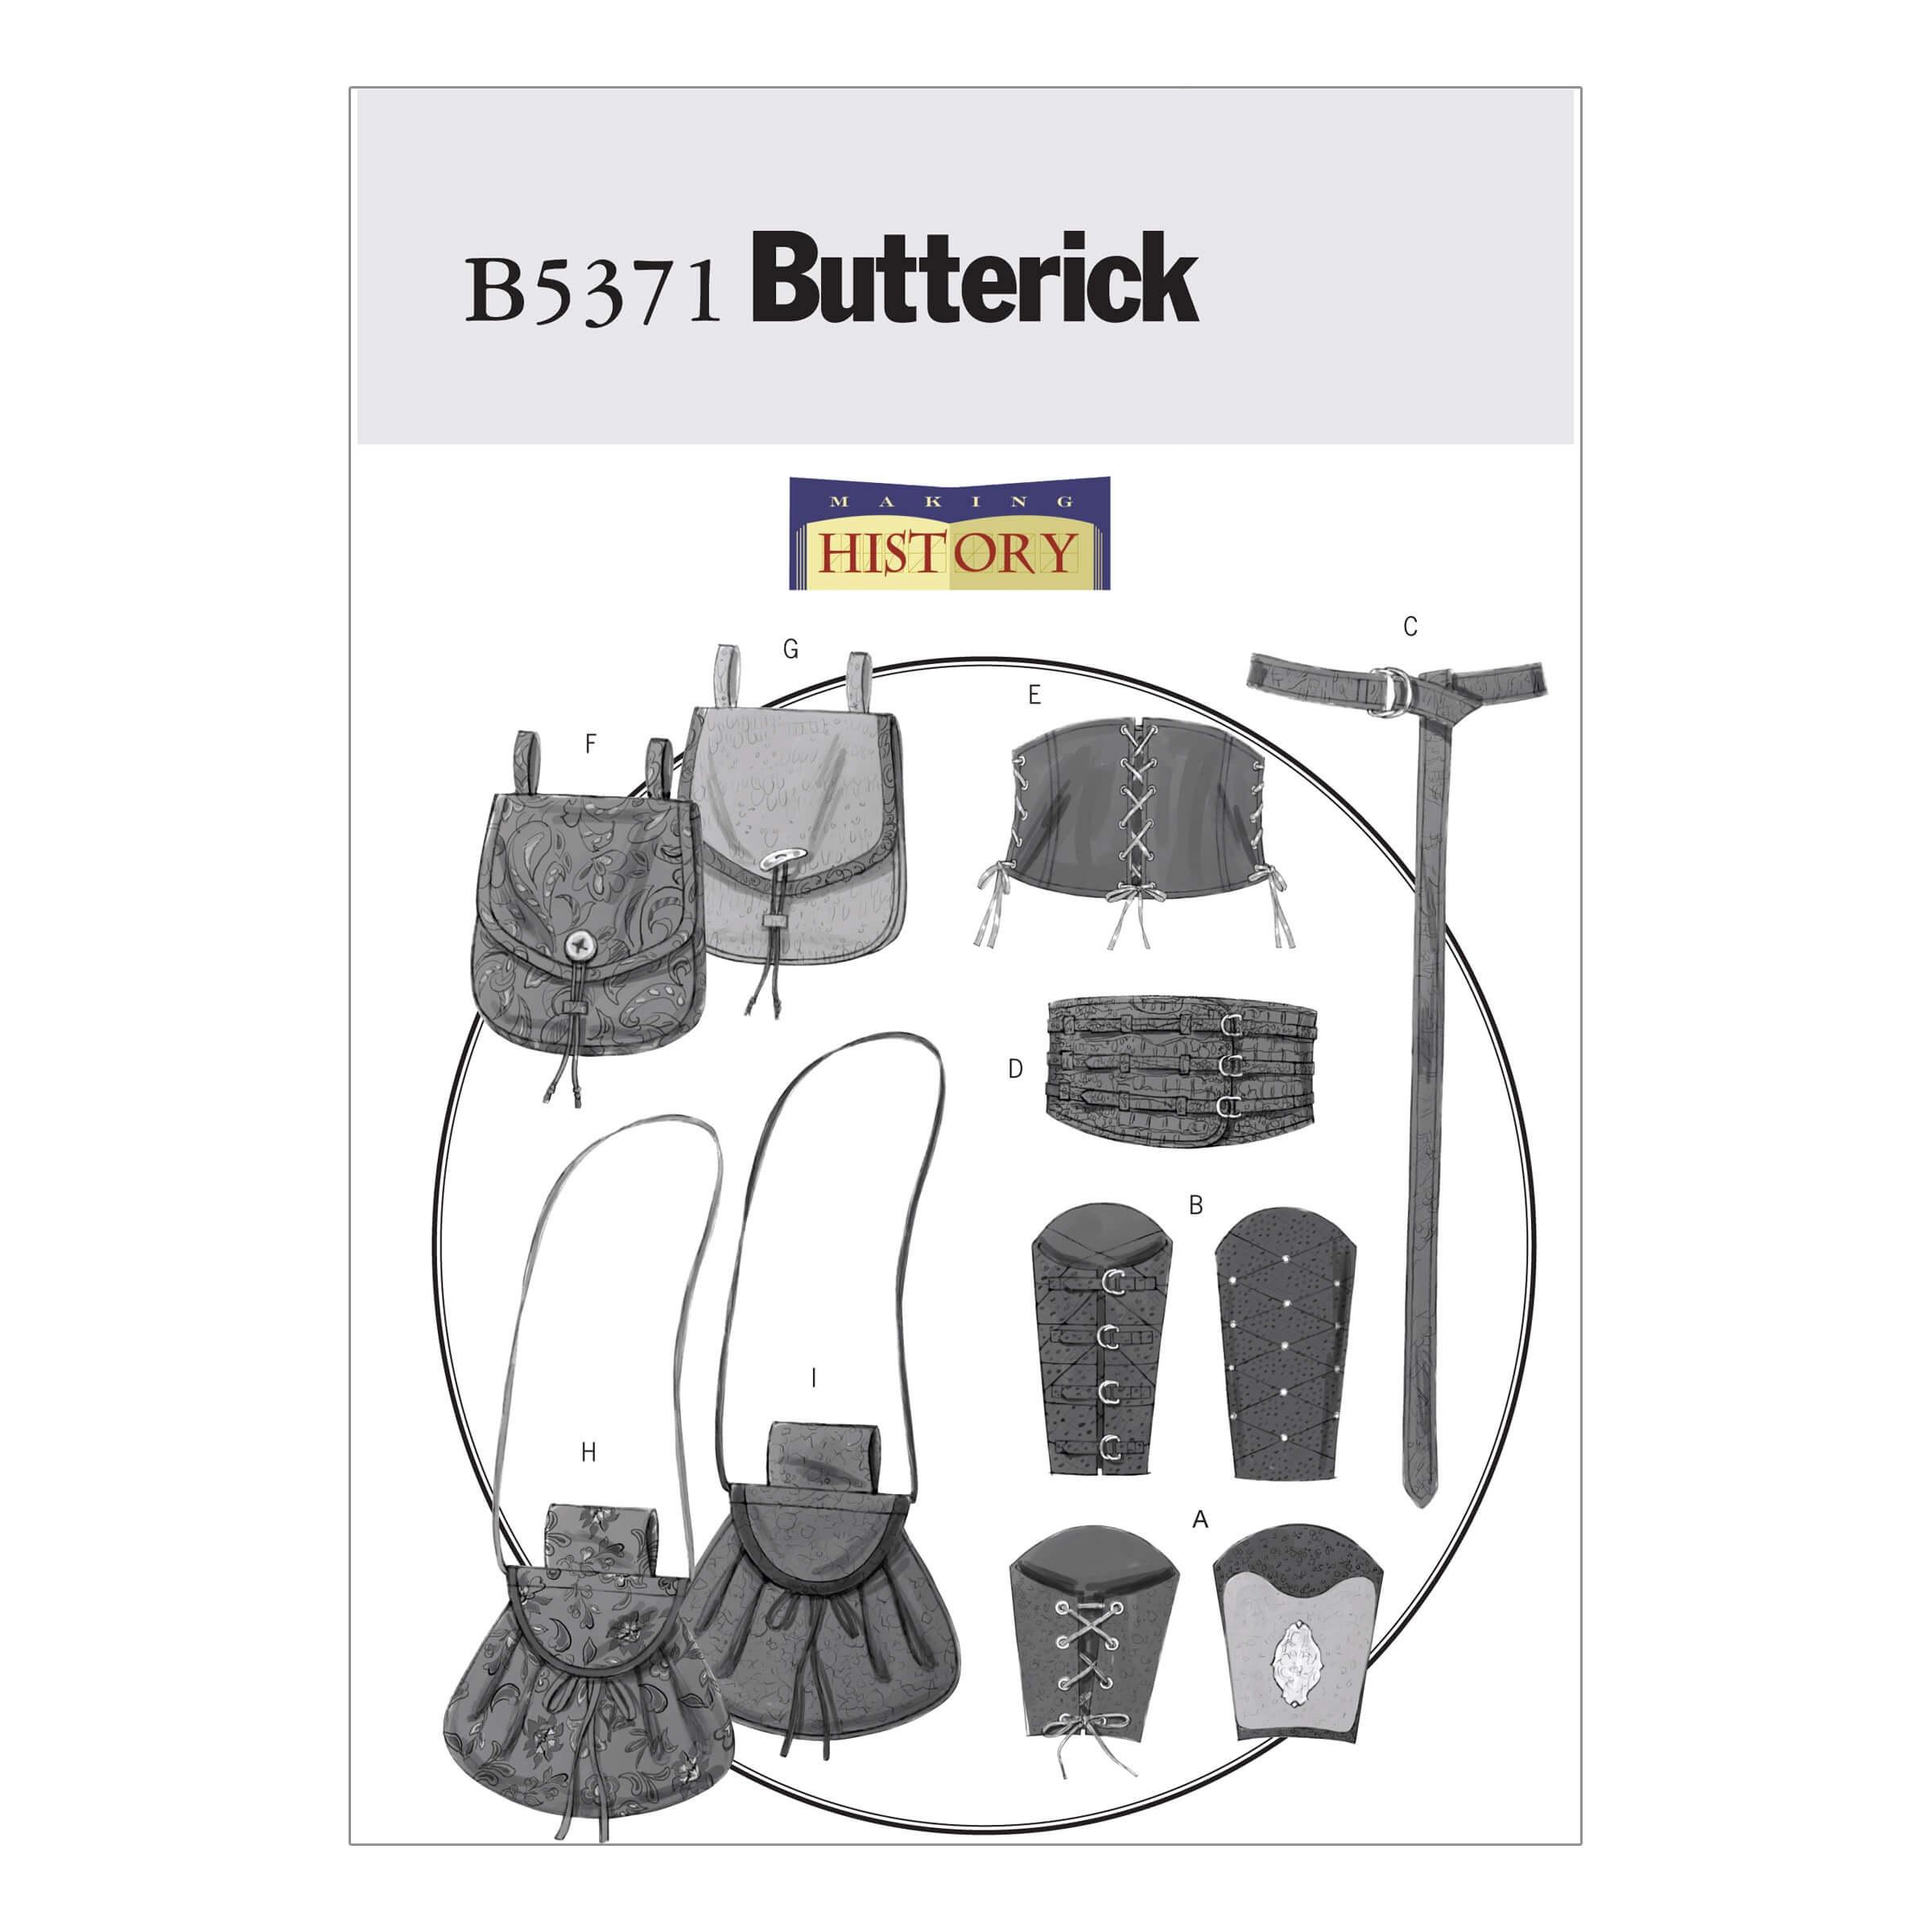 Butterick Sewing Pattern 5371 Misses' Men's Wrist Bracers Corset Belt & Pouches